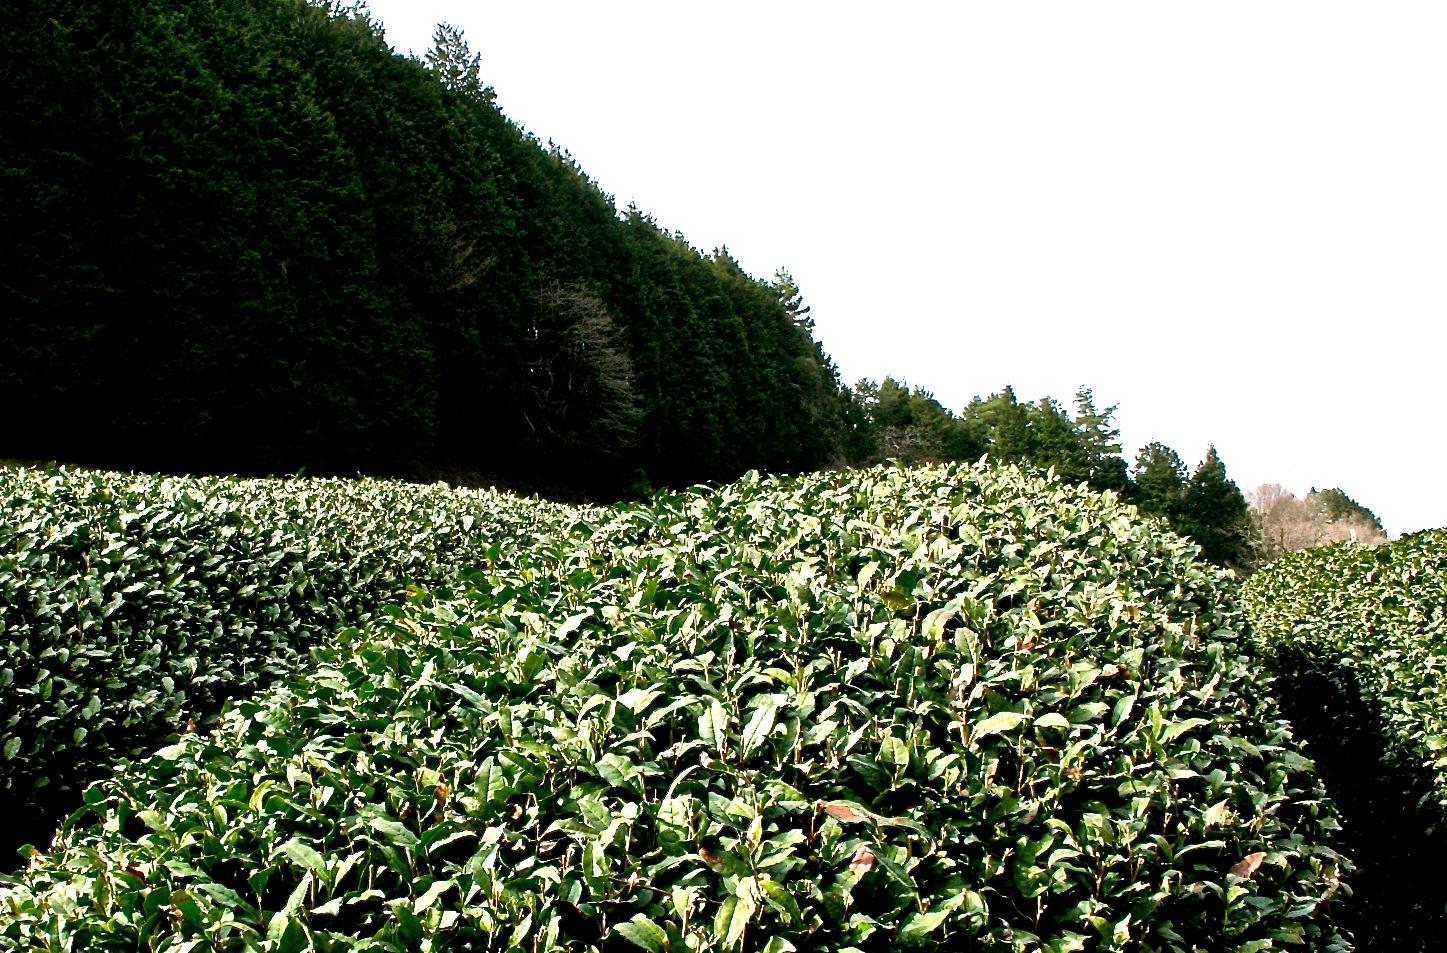 Tea field, Uji, Kyoto